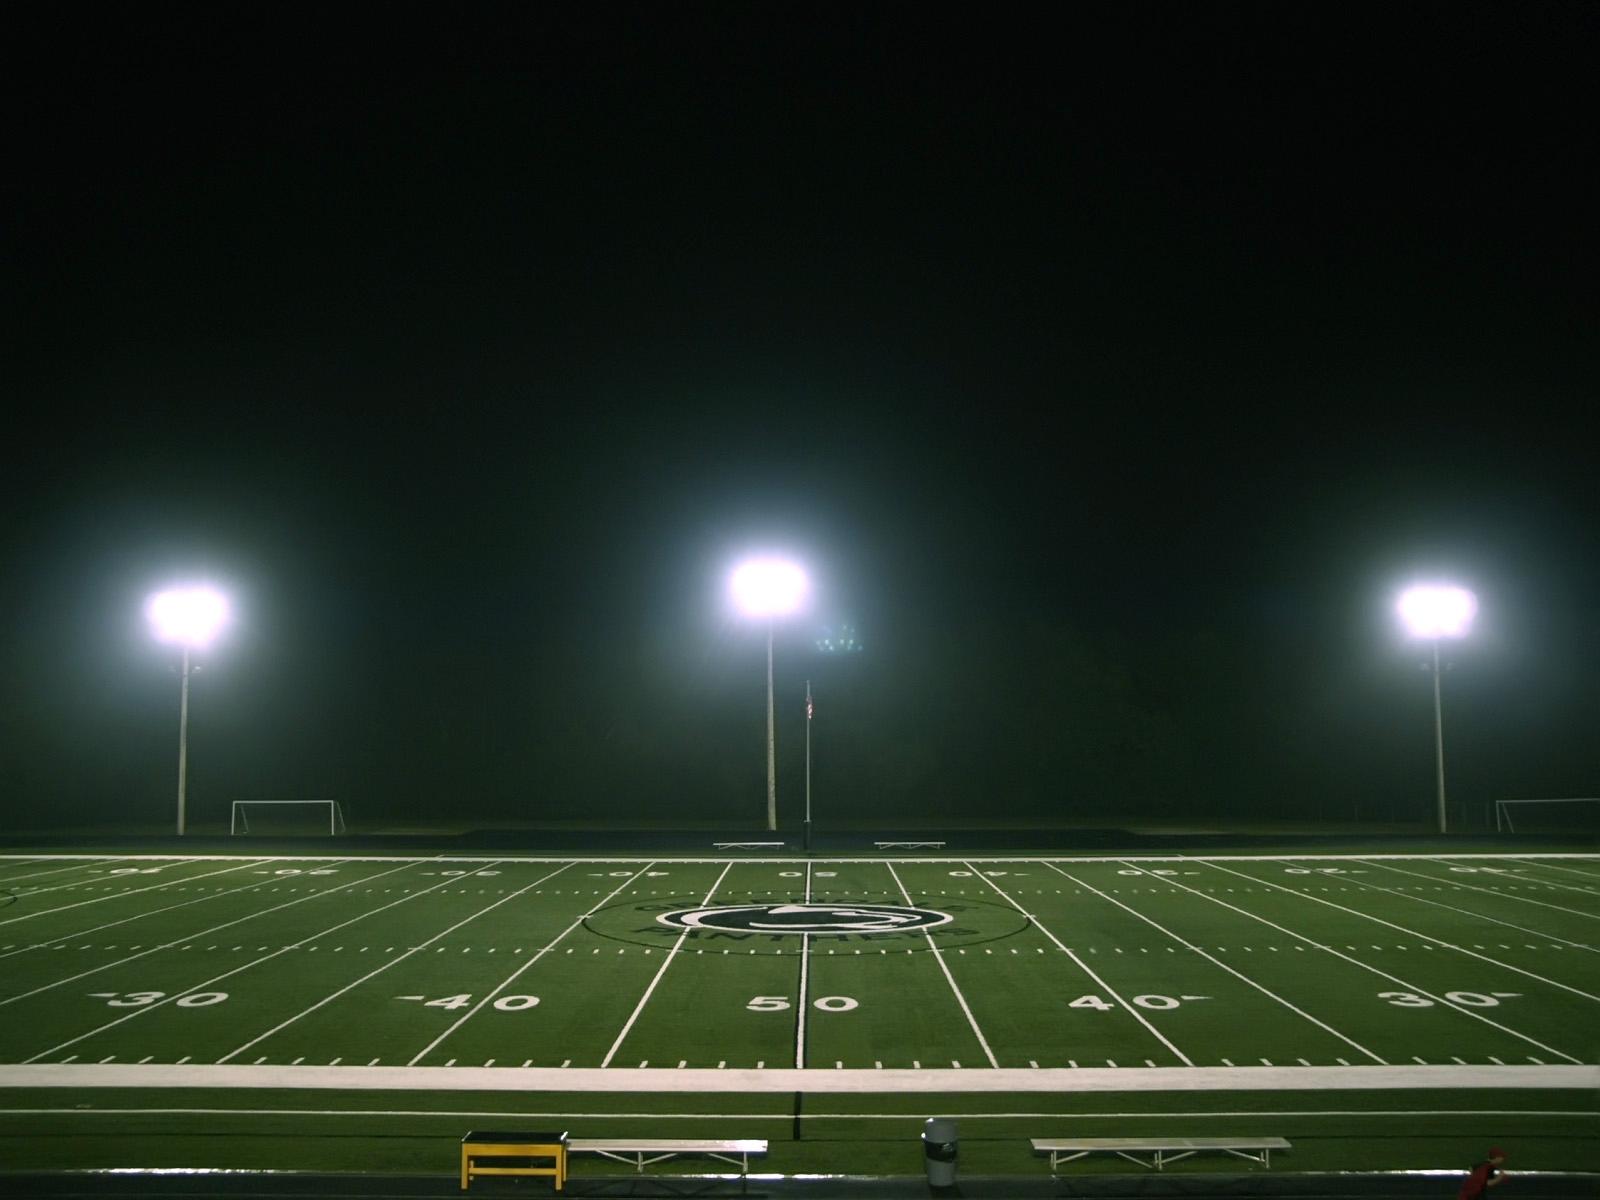 football field wallpaper 24418 1600x1200 px ~ hdwallsource